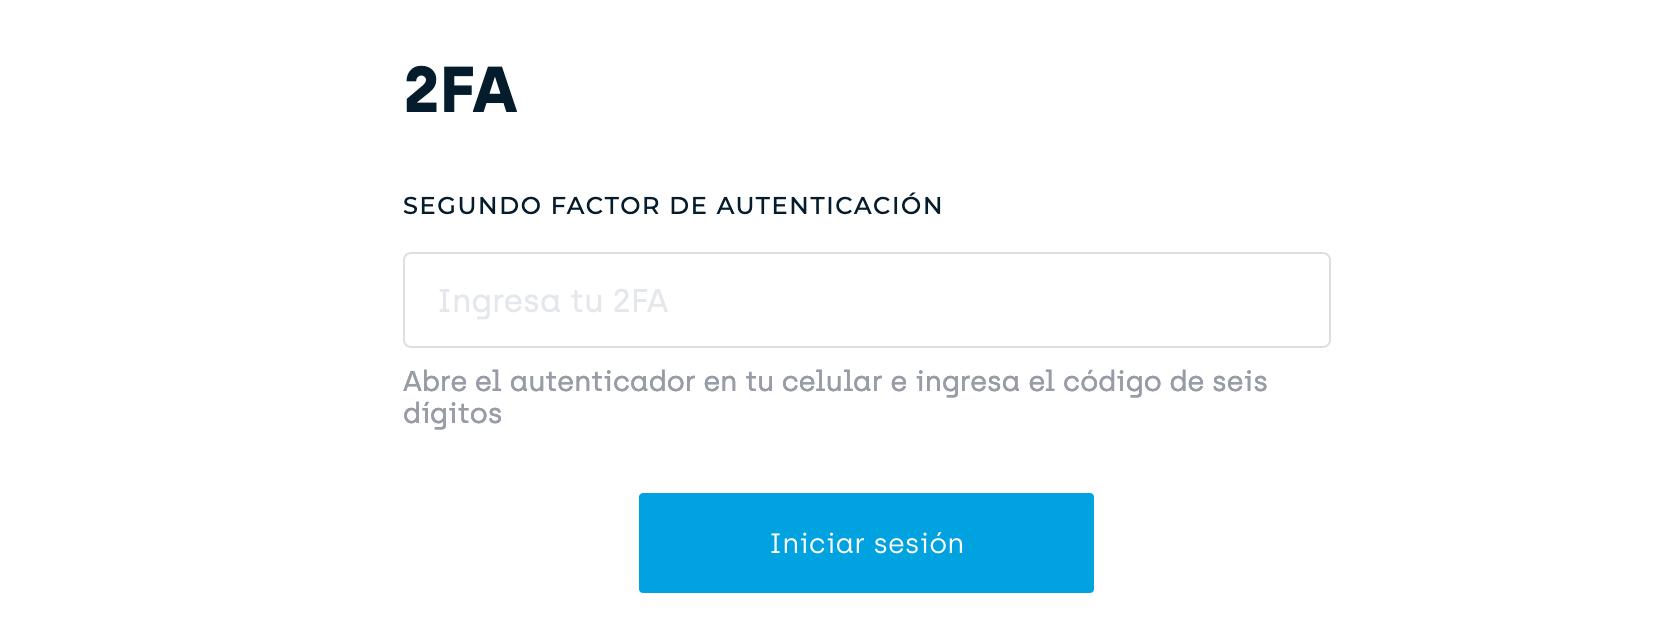 Ejemplo de inicio de sesión que solicita ingresar un segundo factor de autenticación (2FA).